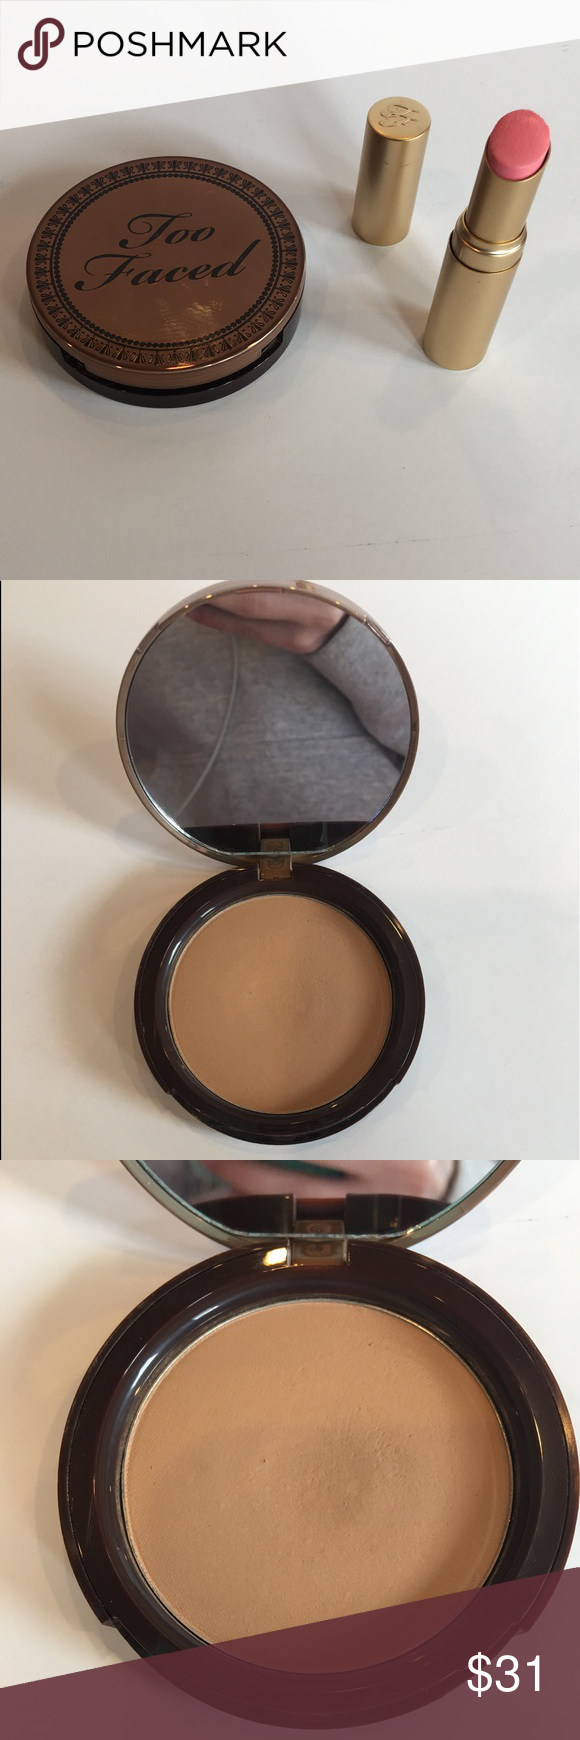 Too Faced Milk Chocolate Soleil Bronzer & Lipstick Lip